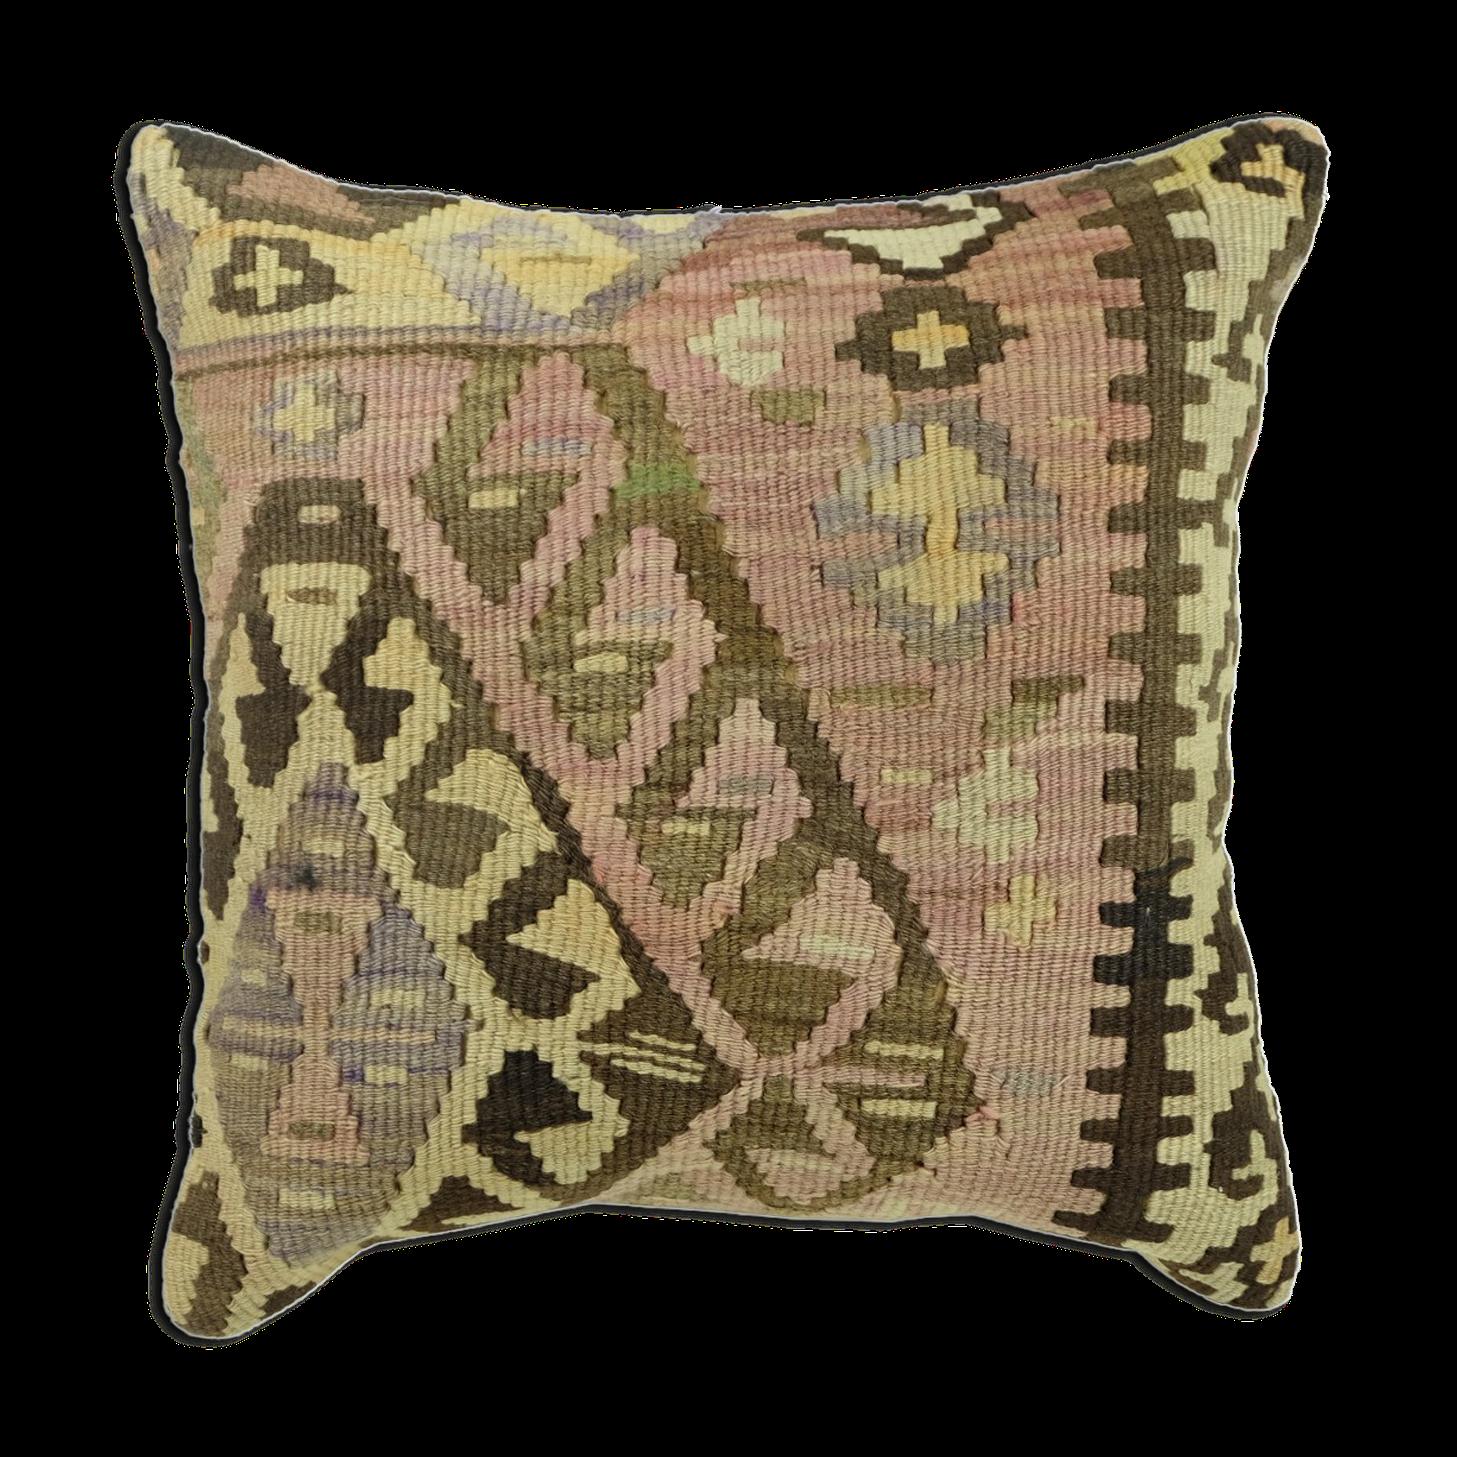 Housse de coussin ethnique vintage en kilim d'Anatolie